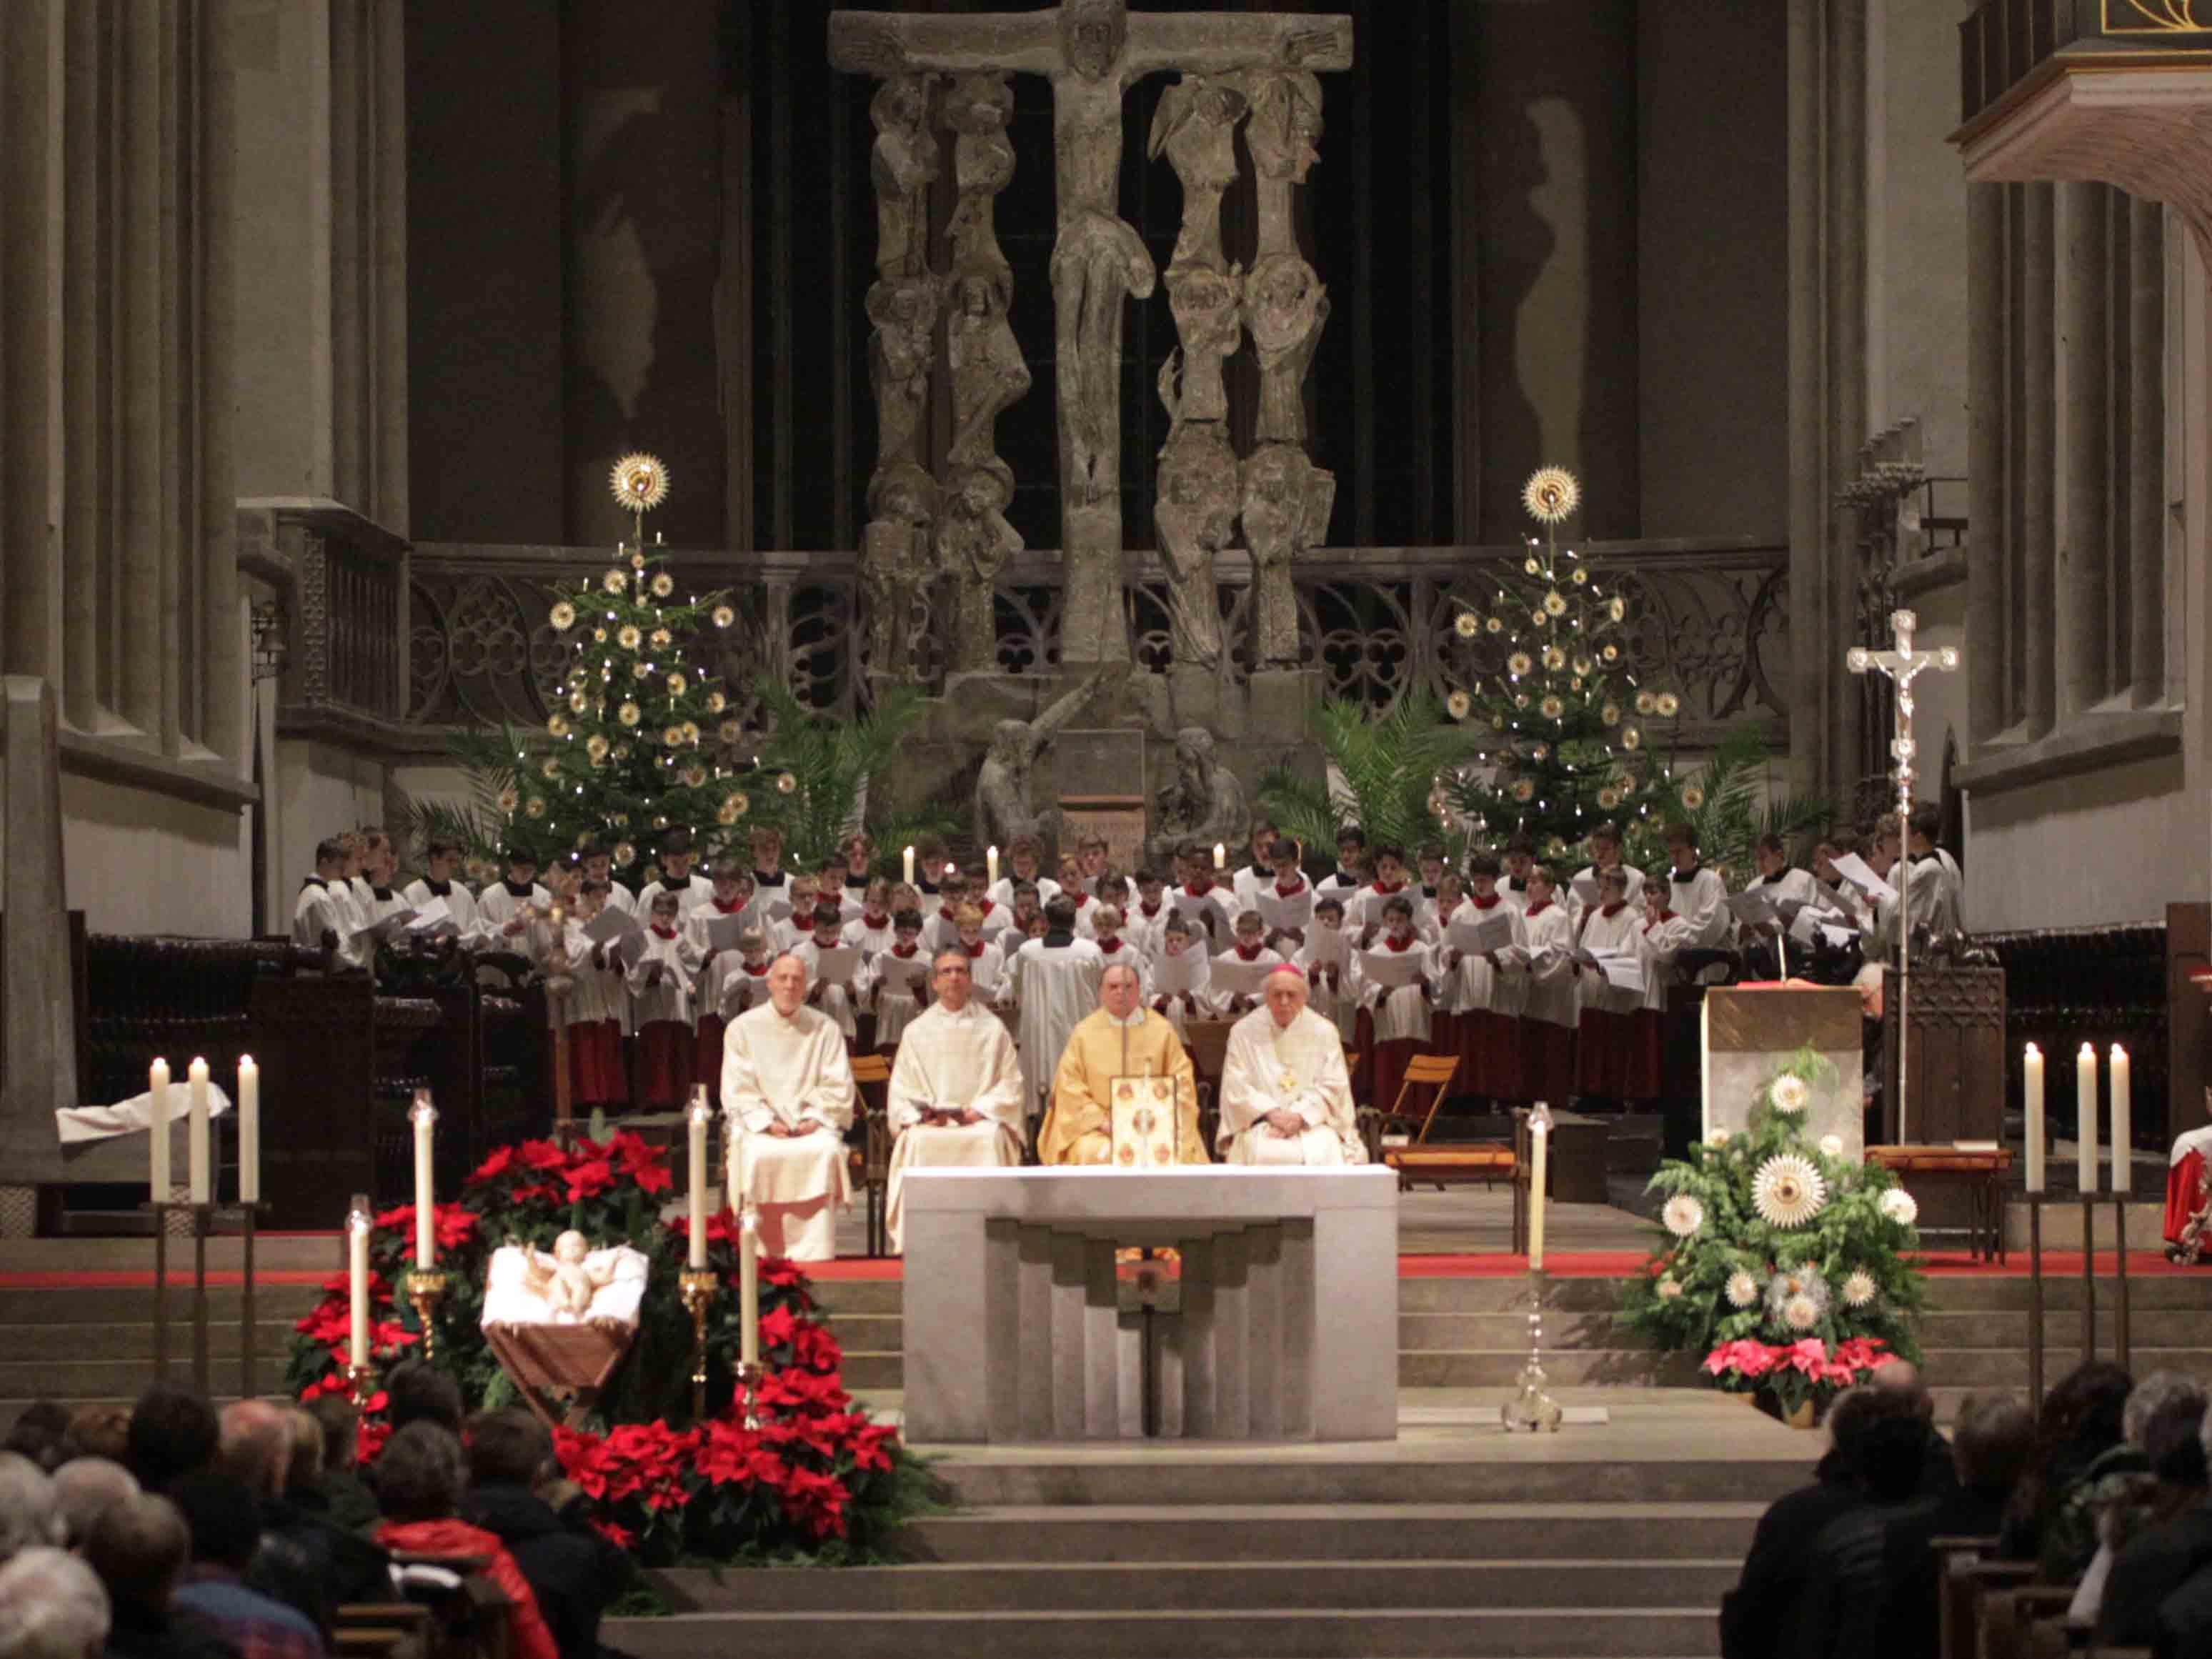 In der Christmette im Hohen Dom hat der Diözesanadministrator heute des Geheimnis der Geburt Christi gedeutet. (Fotos: Annette Zoepf/pba)